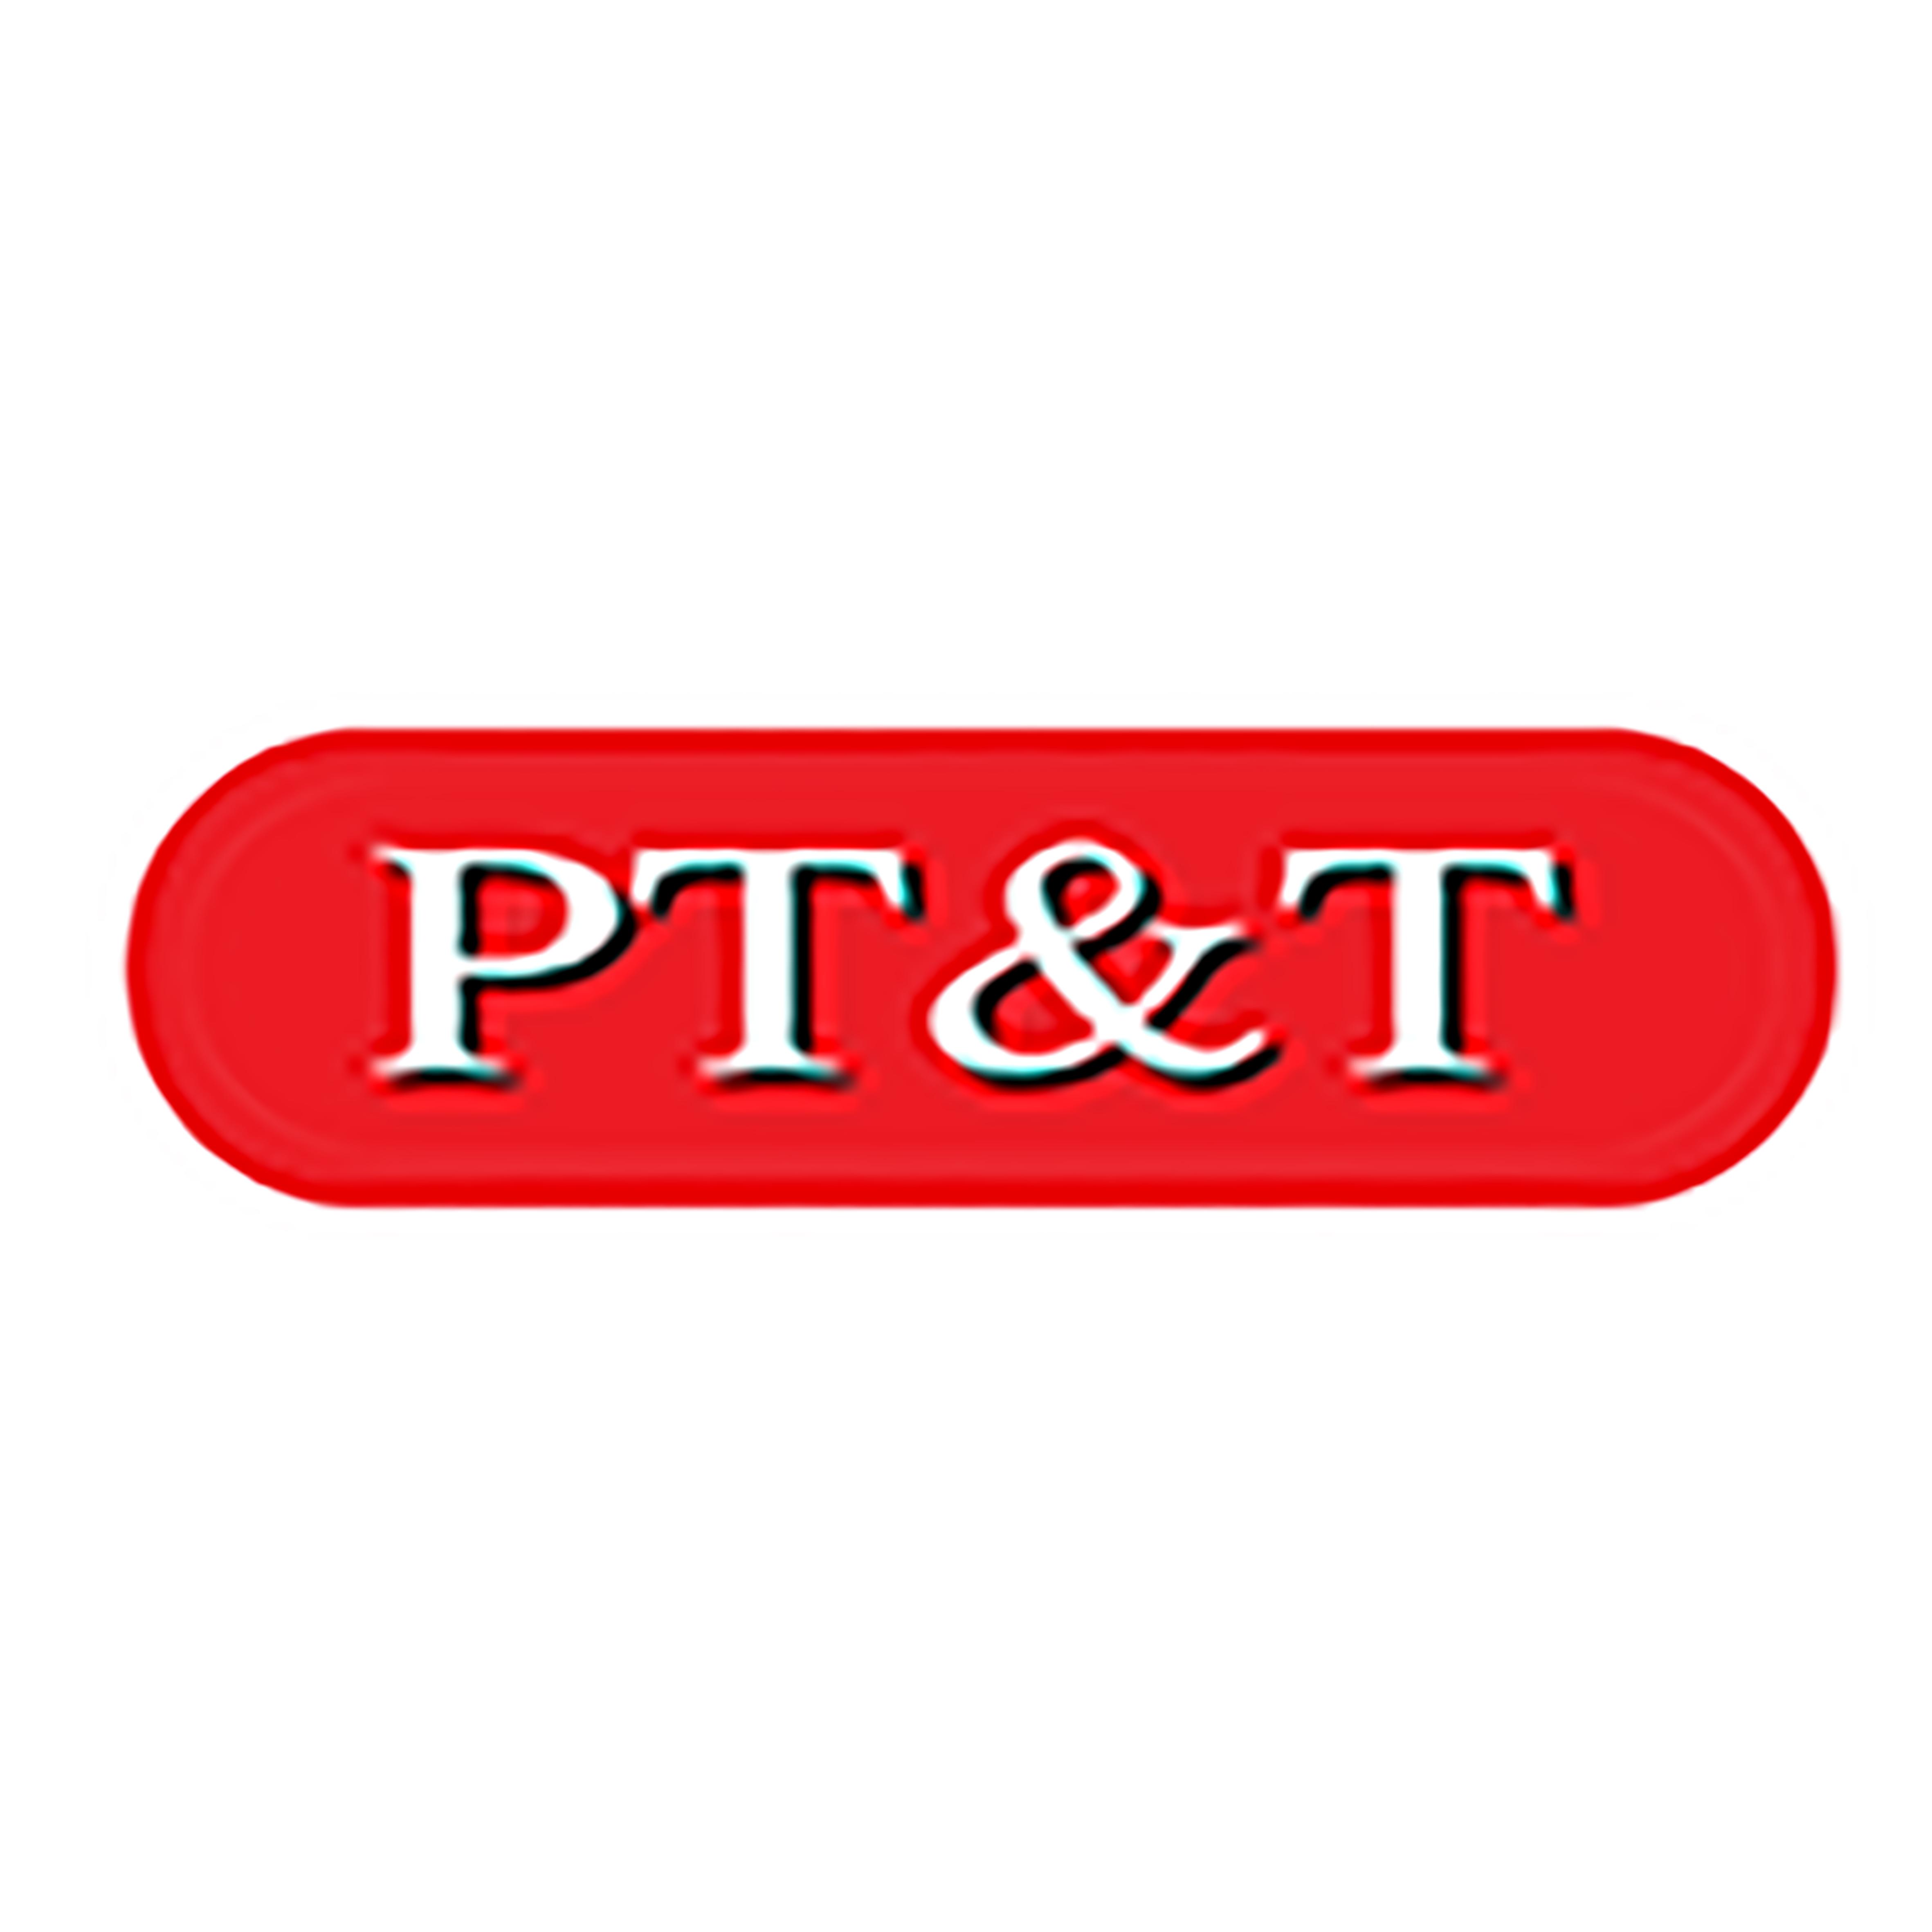 ⚒ PT&T